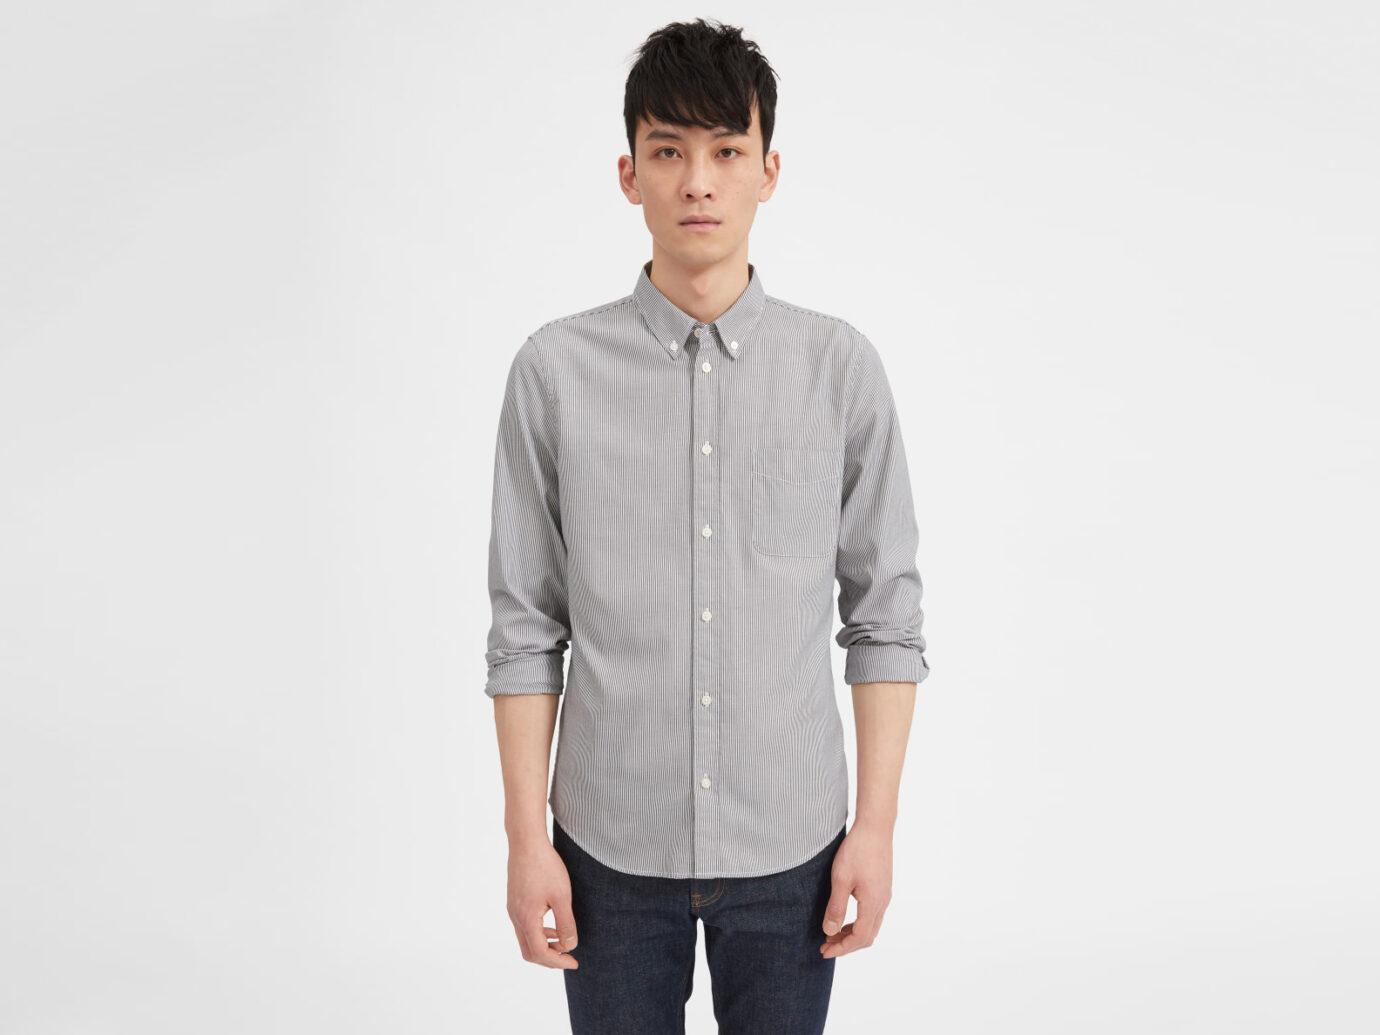 The Air Oxford Striped Shirt